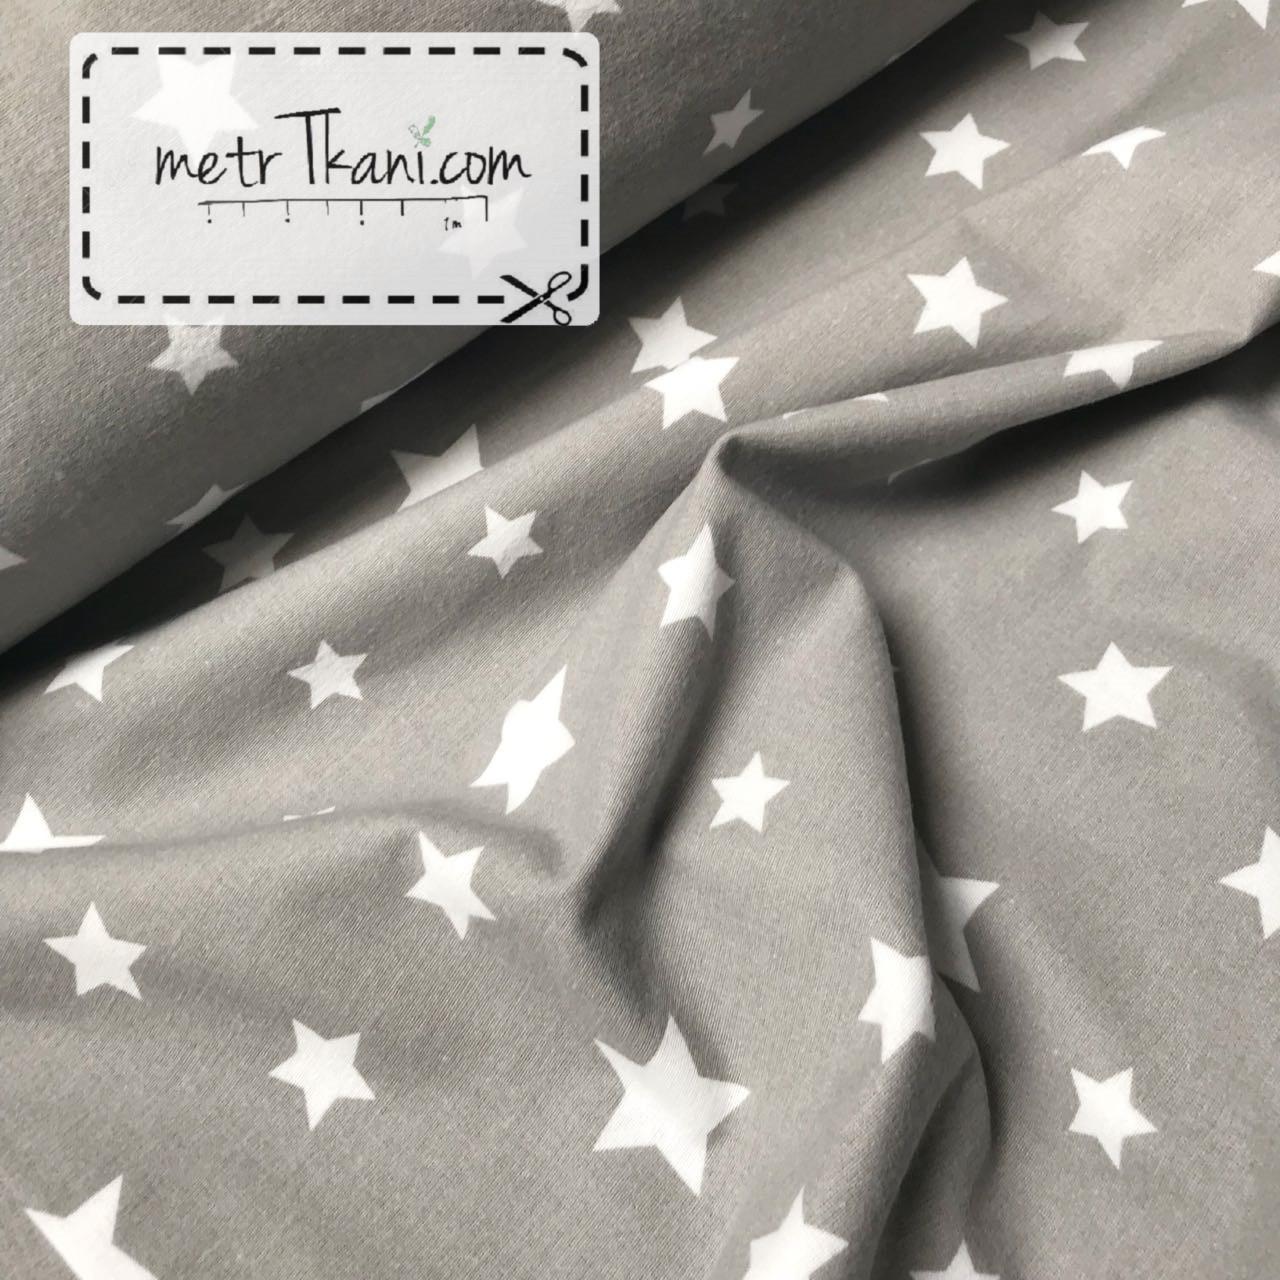 Фланель для постельного белья крупный звездопад на сером фоне  №768